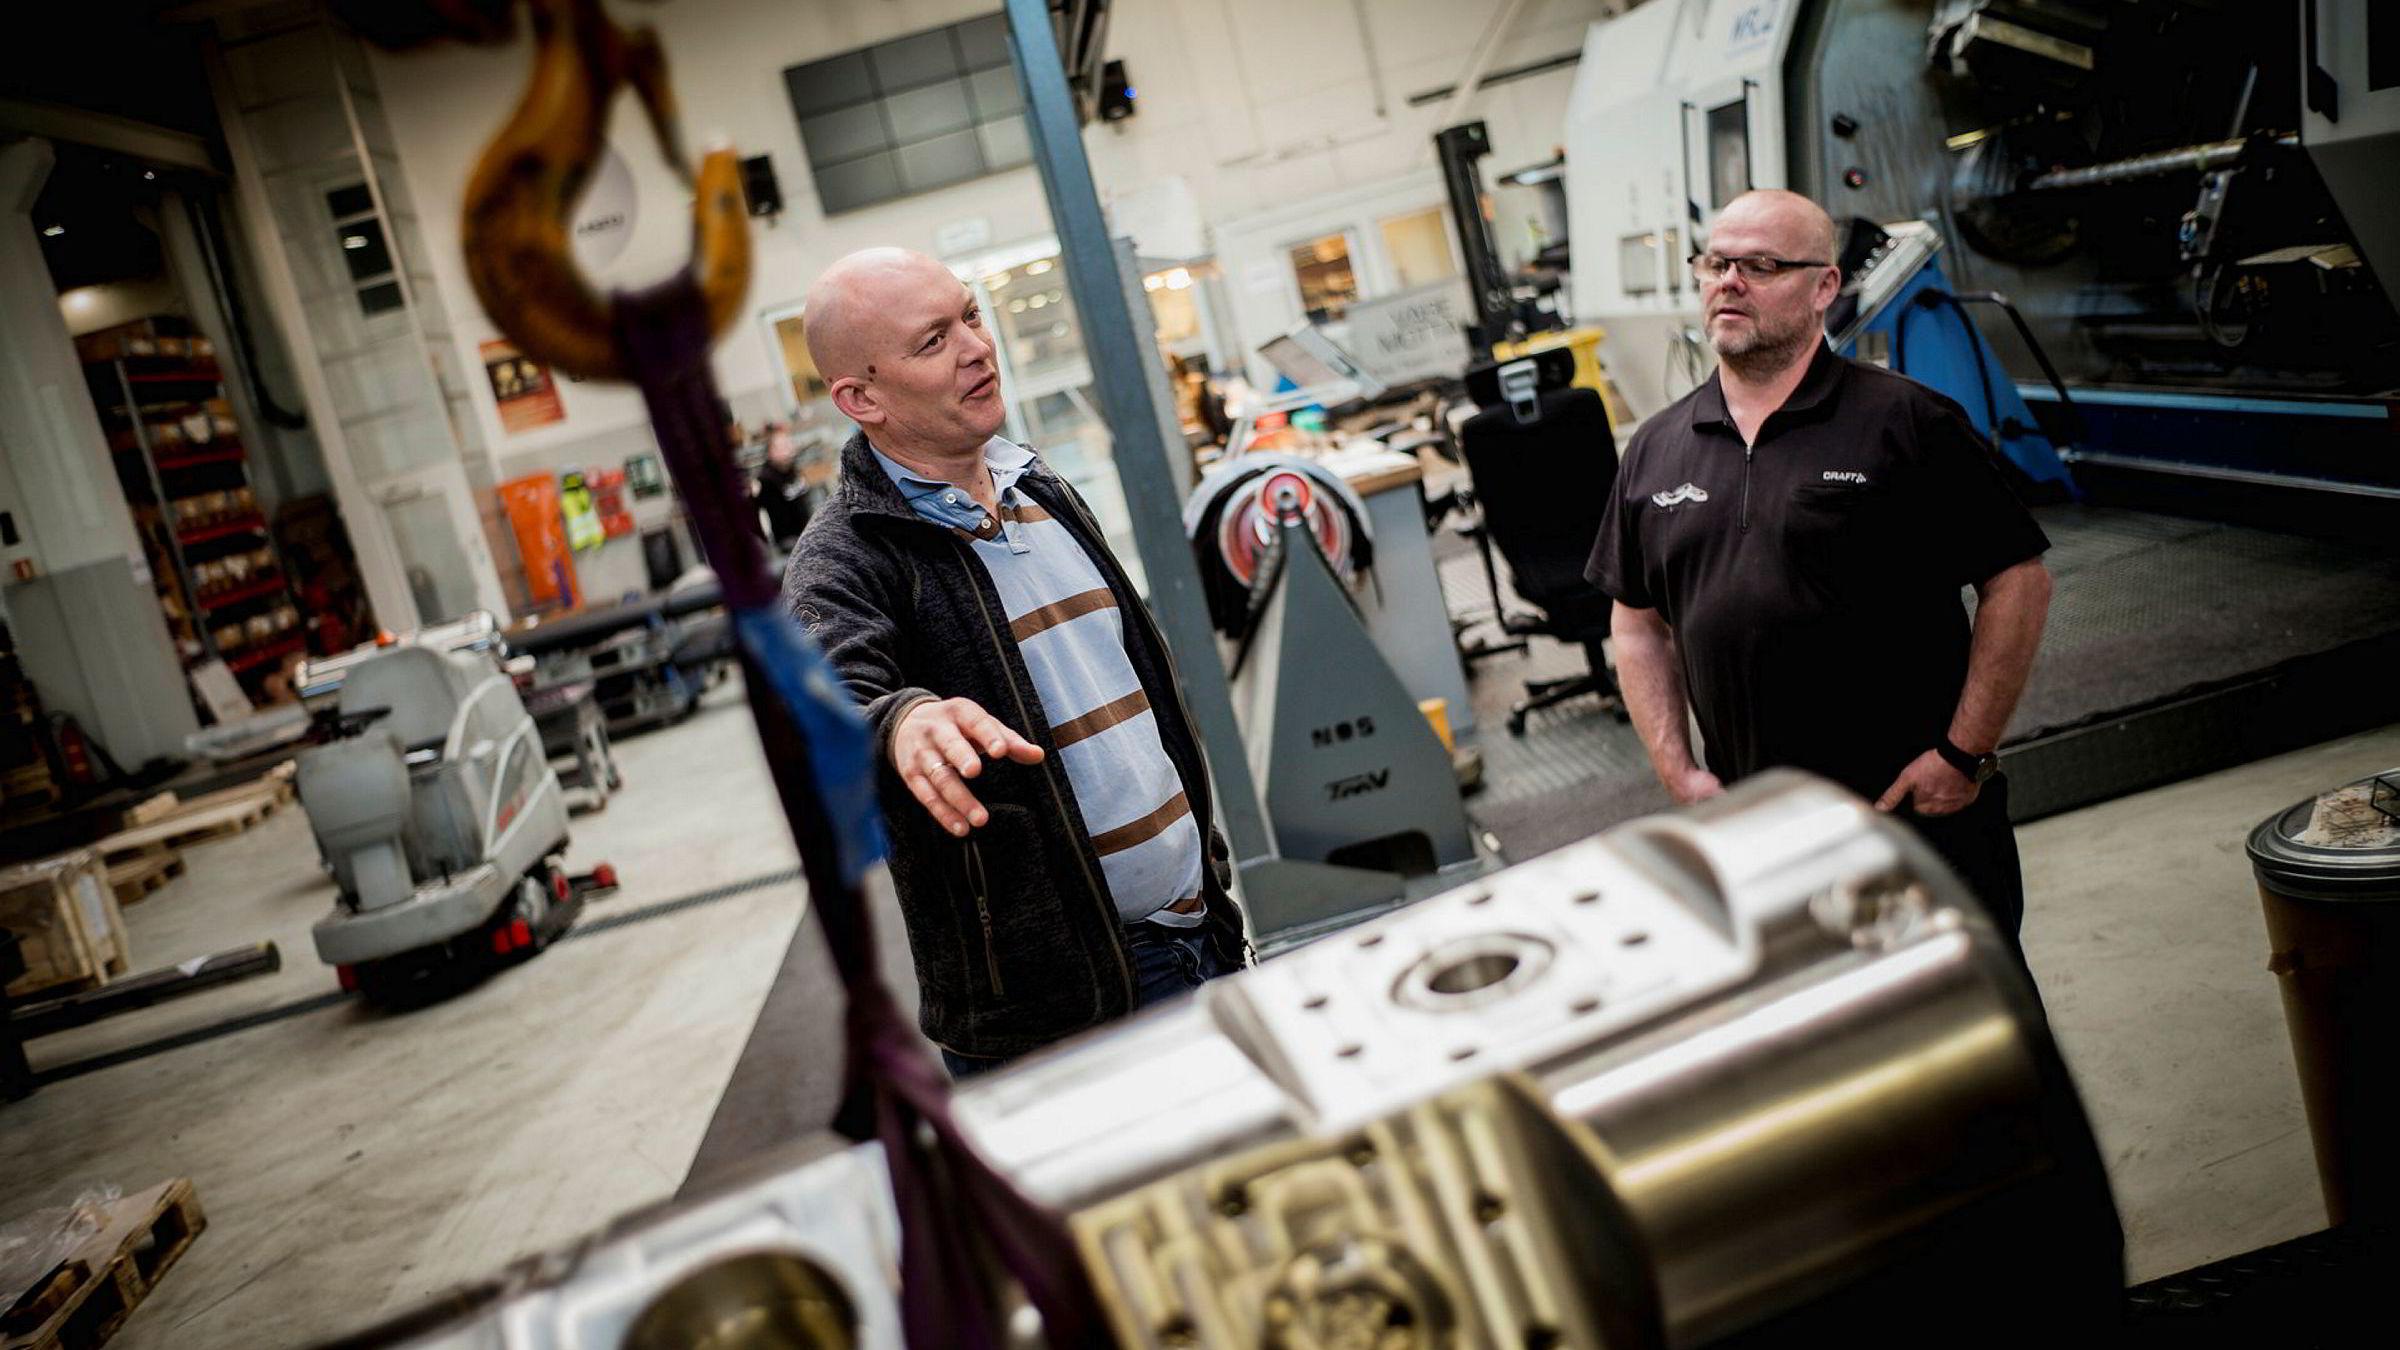 Oljenedturen merkes hos det mekaniske verkstedet Norse Oilfield Services, som nå prøver å finne nye markeder innen både forsvar, bilindustri og landbruk. Jone Refsnes (til venstre) leder jakten sammen med daglig leder Øve Sørheim.